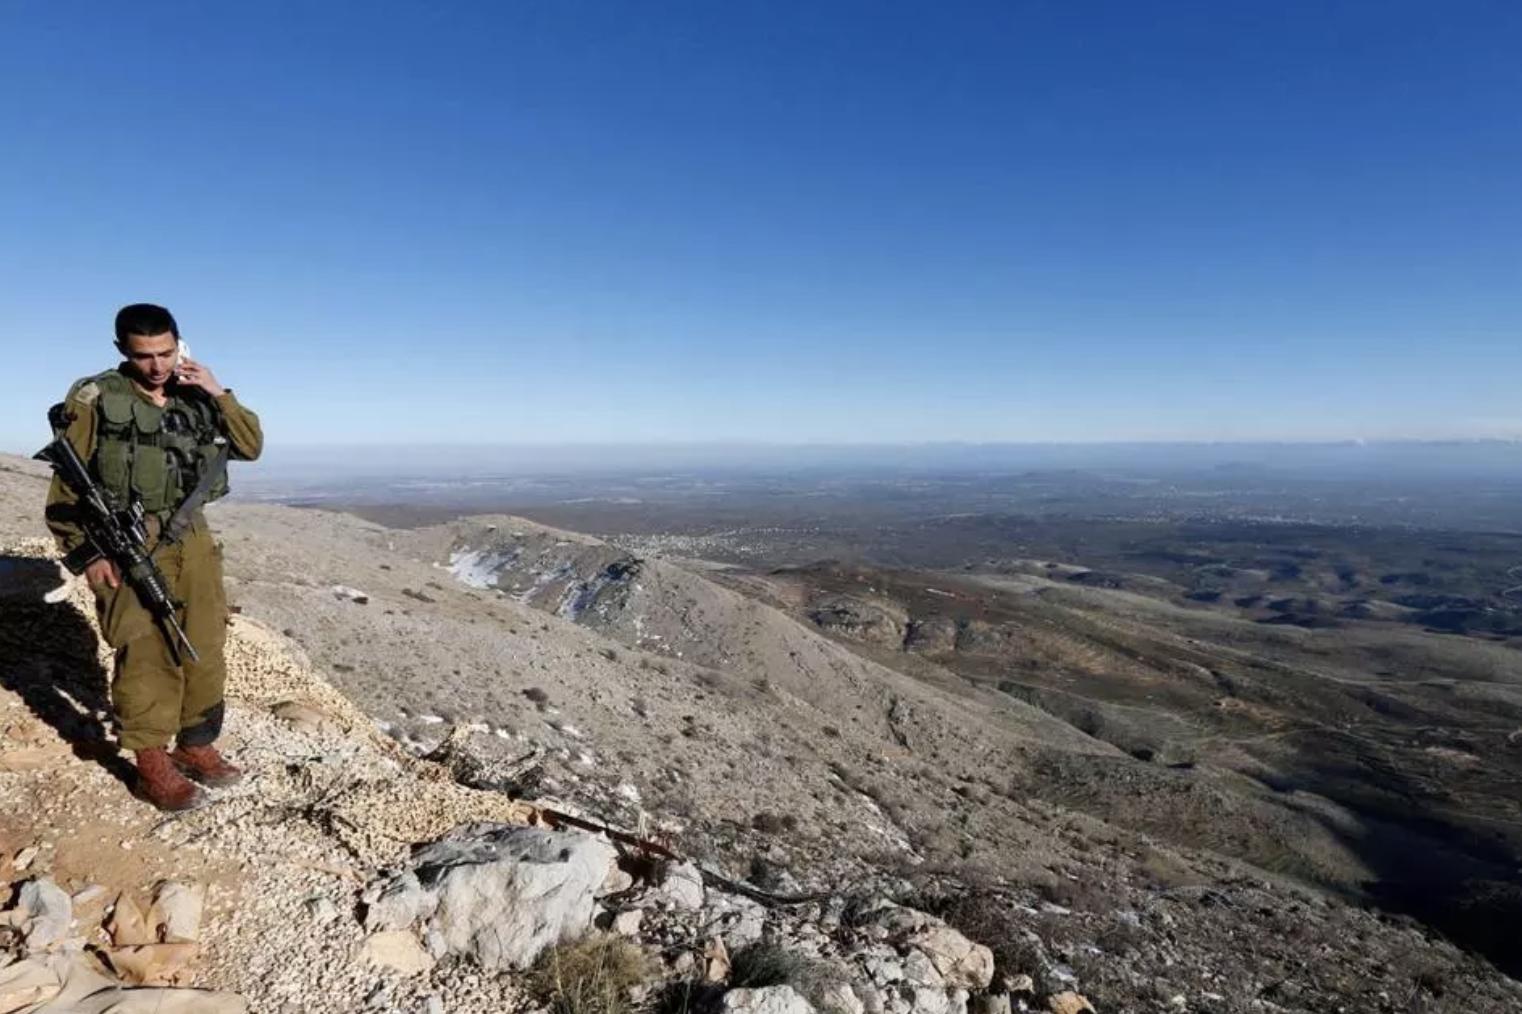 Israeli soldier overlooks the Golan Heights